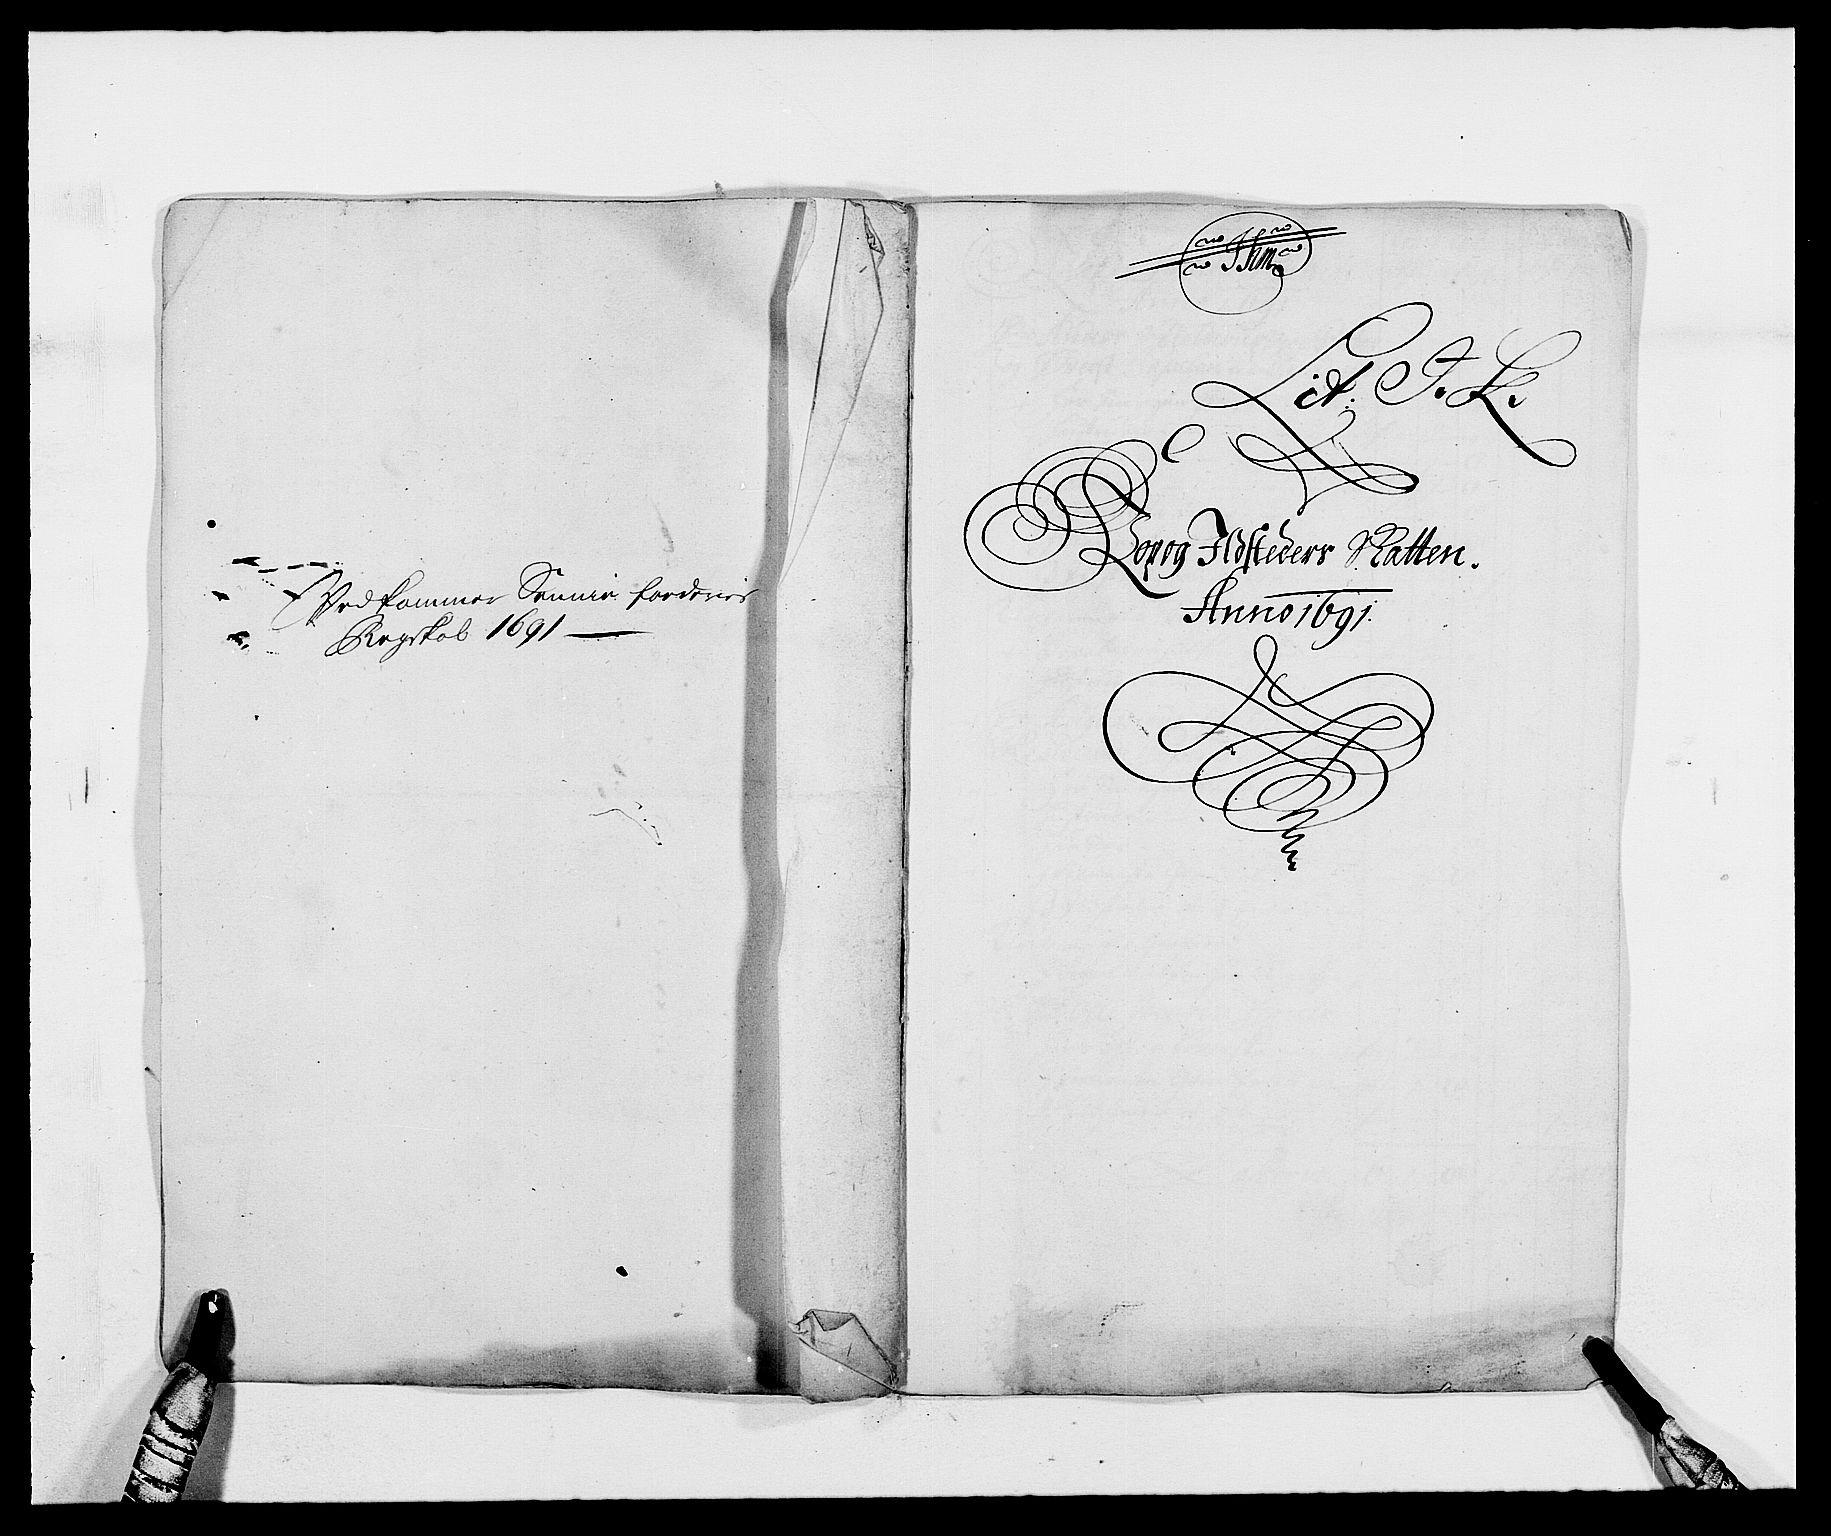 RA, Rentekammeret inntil 1814, Reviderte regnskaper, Fogderegnskap, R68/L4752: Fogderegnskap Senja og Troms, 1691-1693, s. 73